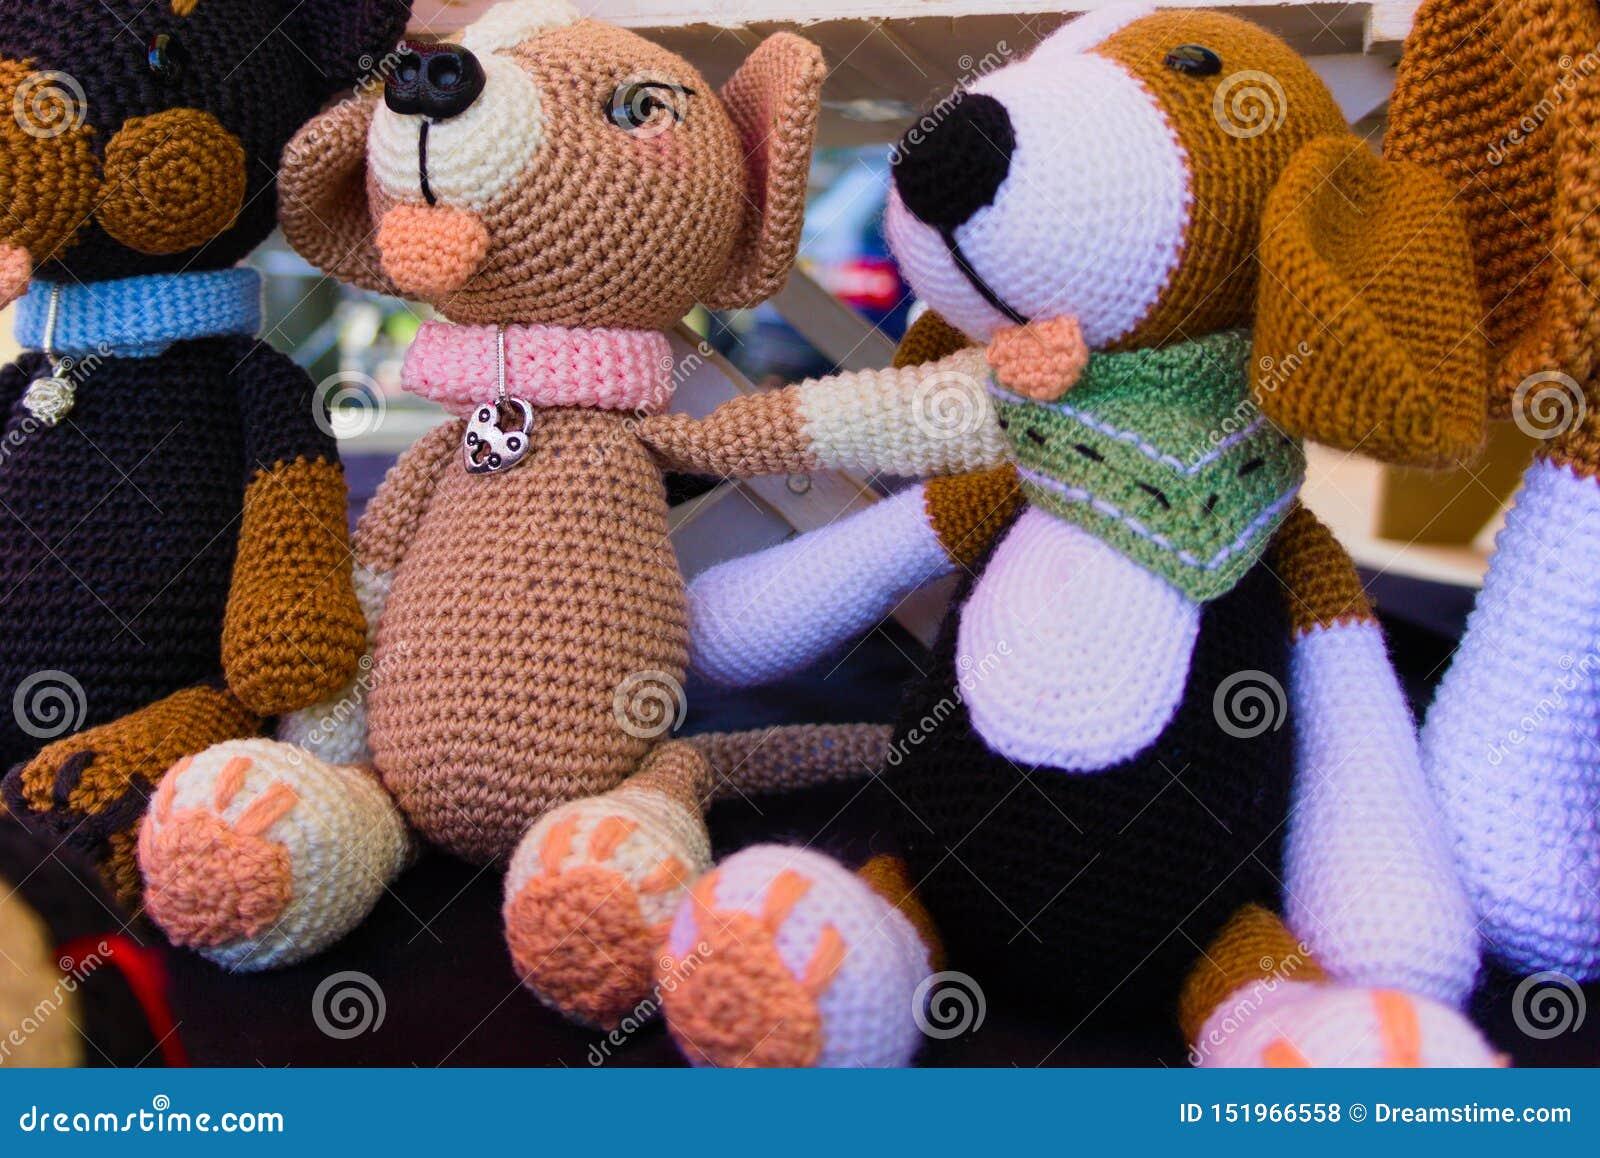 Gevulde die poppen op de straatmarkt worden verkocht